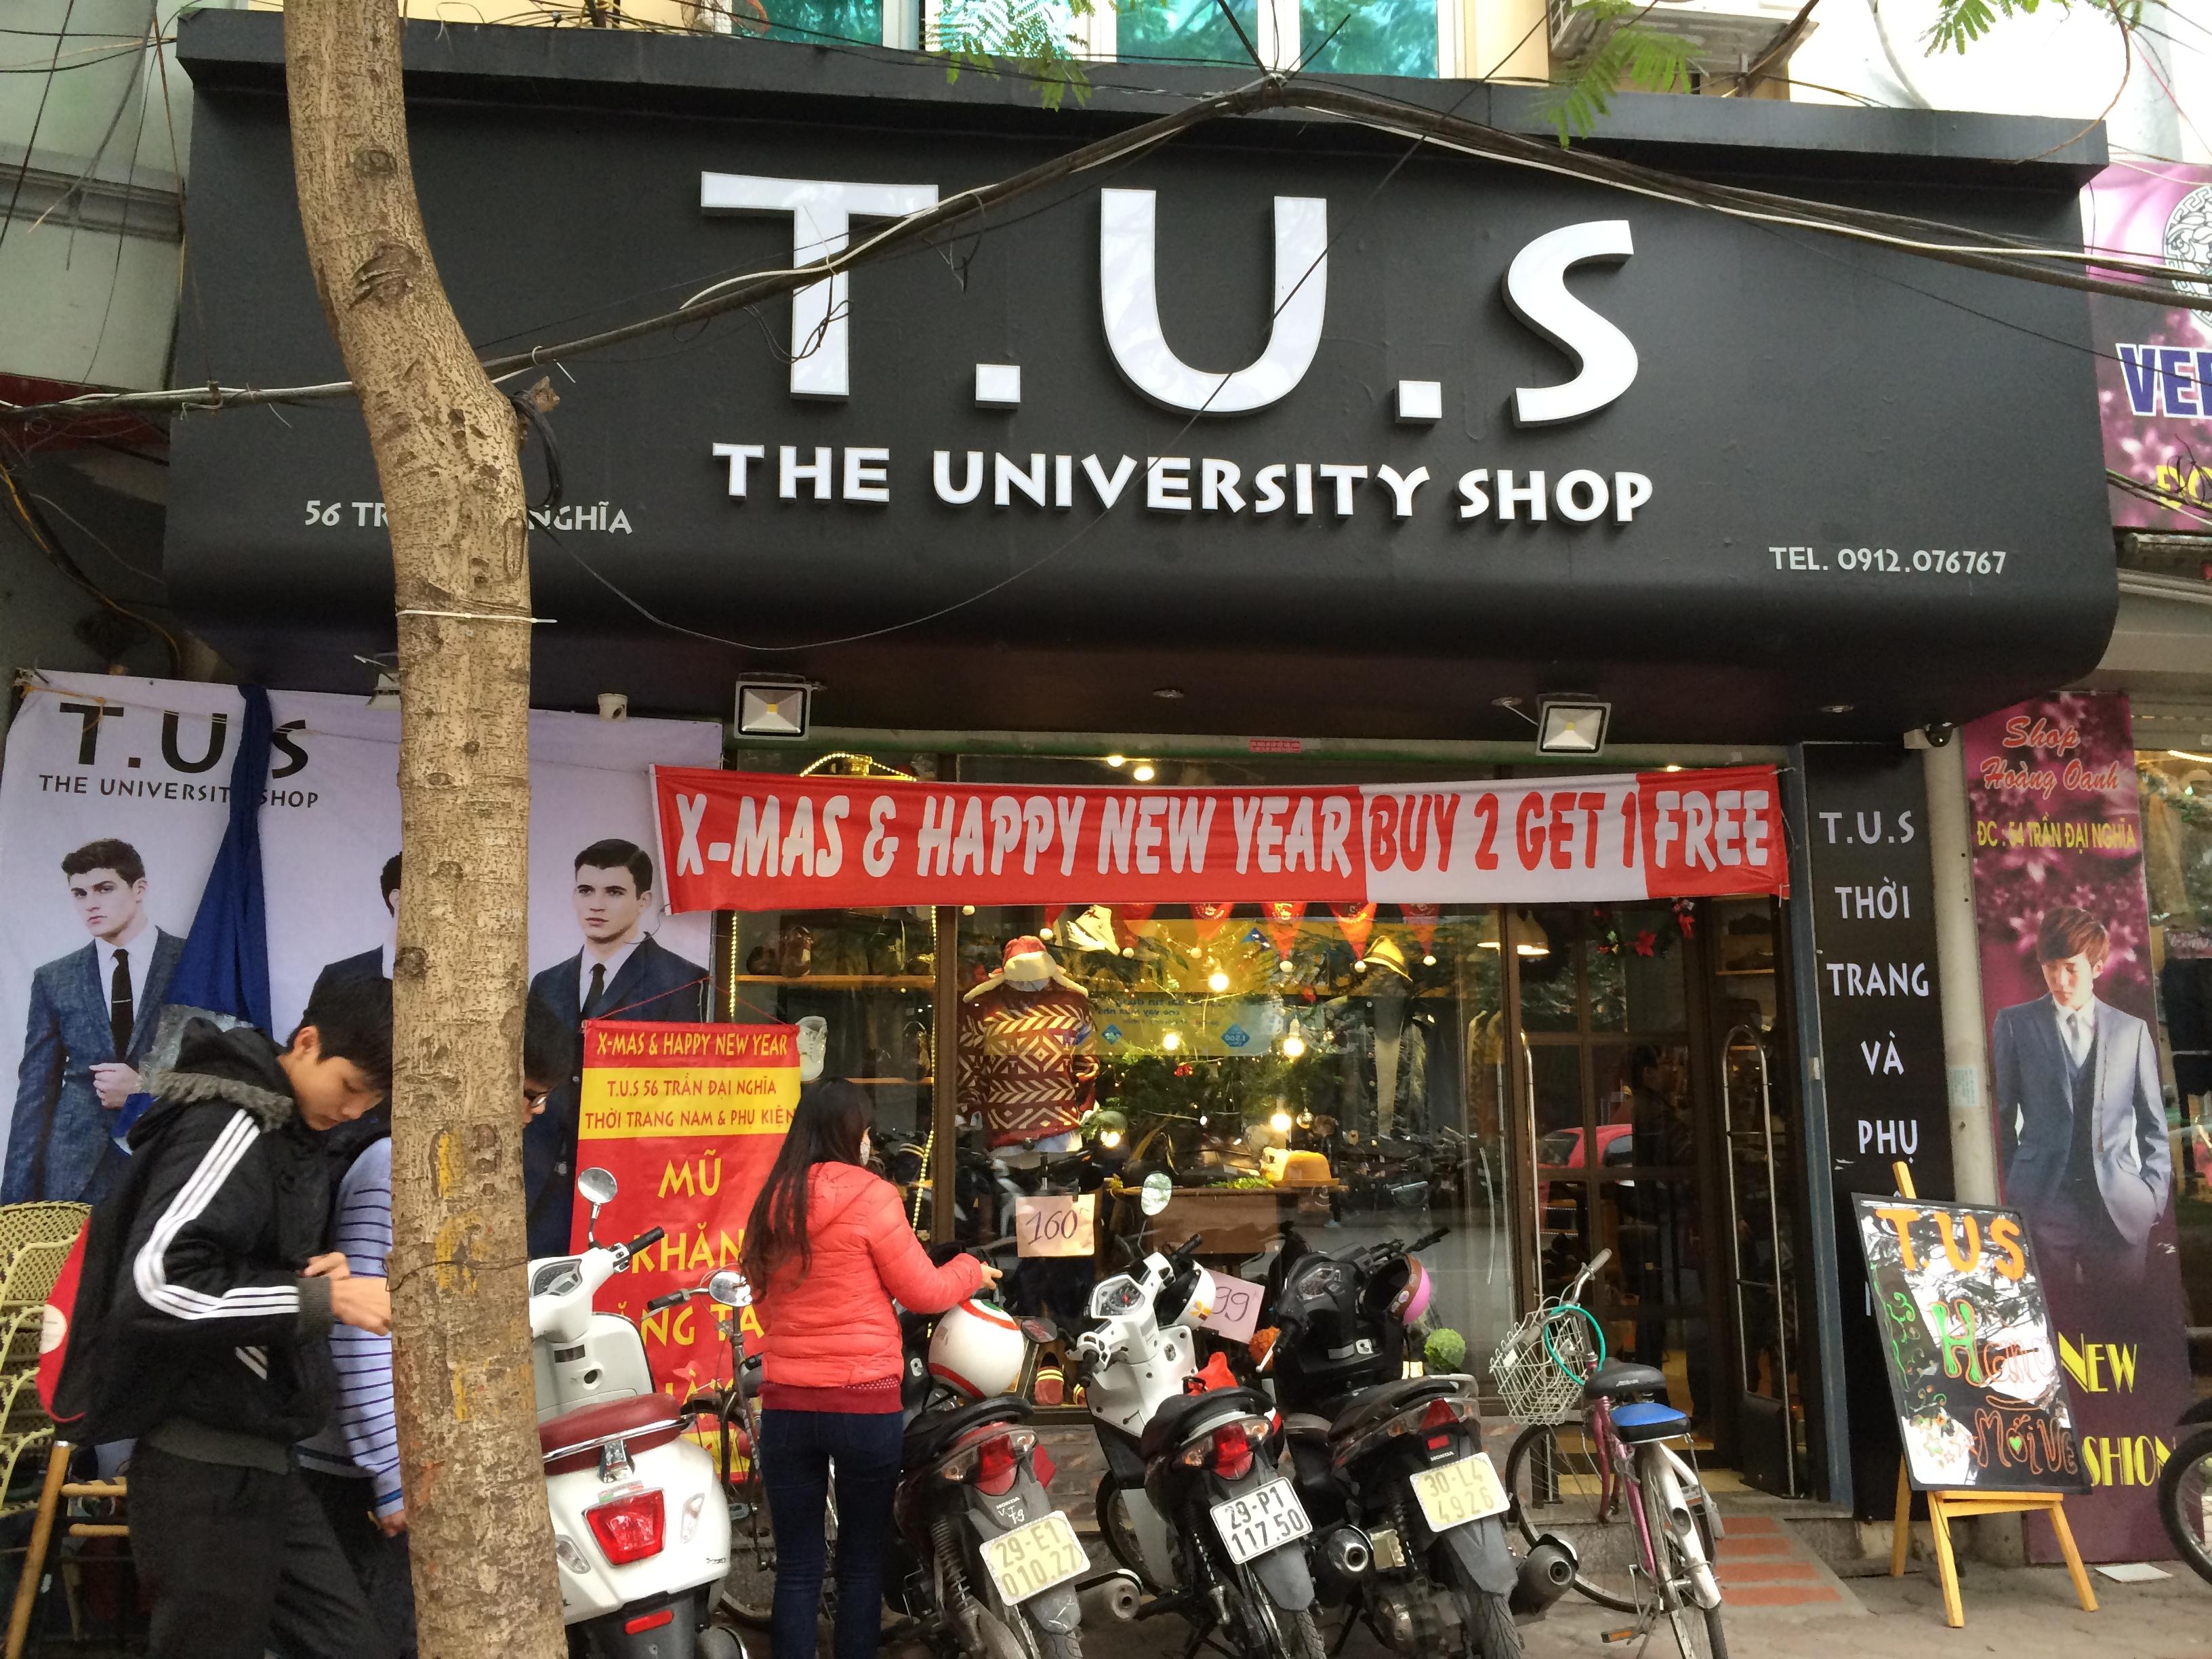 Cửa hàng TUS, 56 trần đại nghĩa